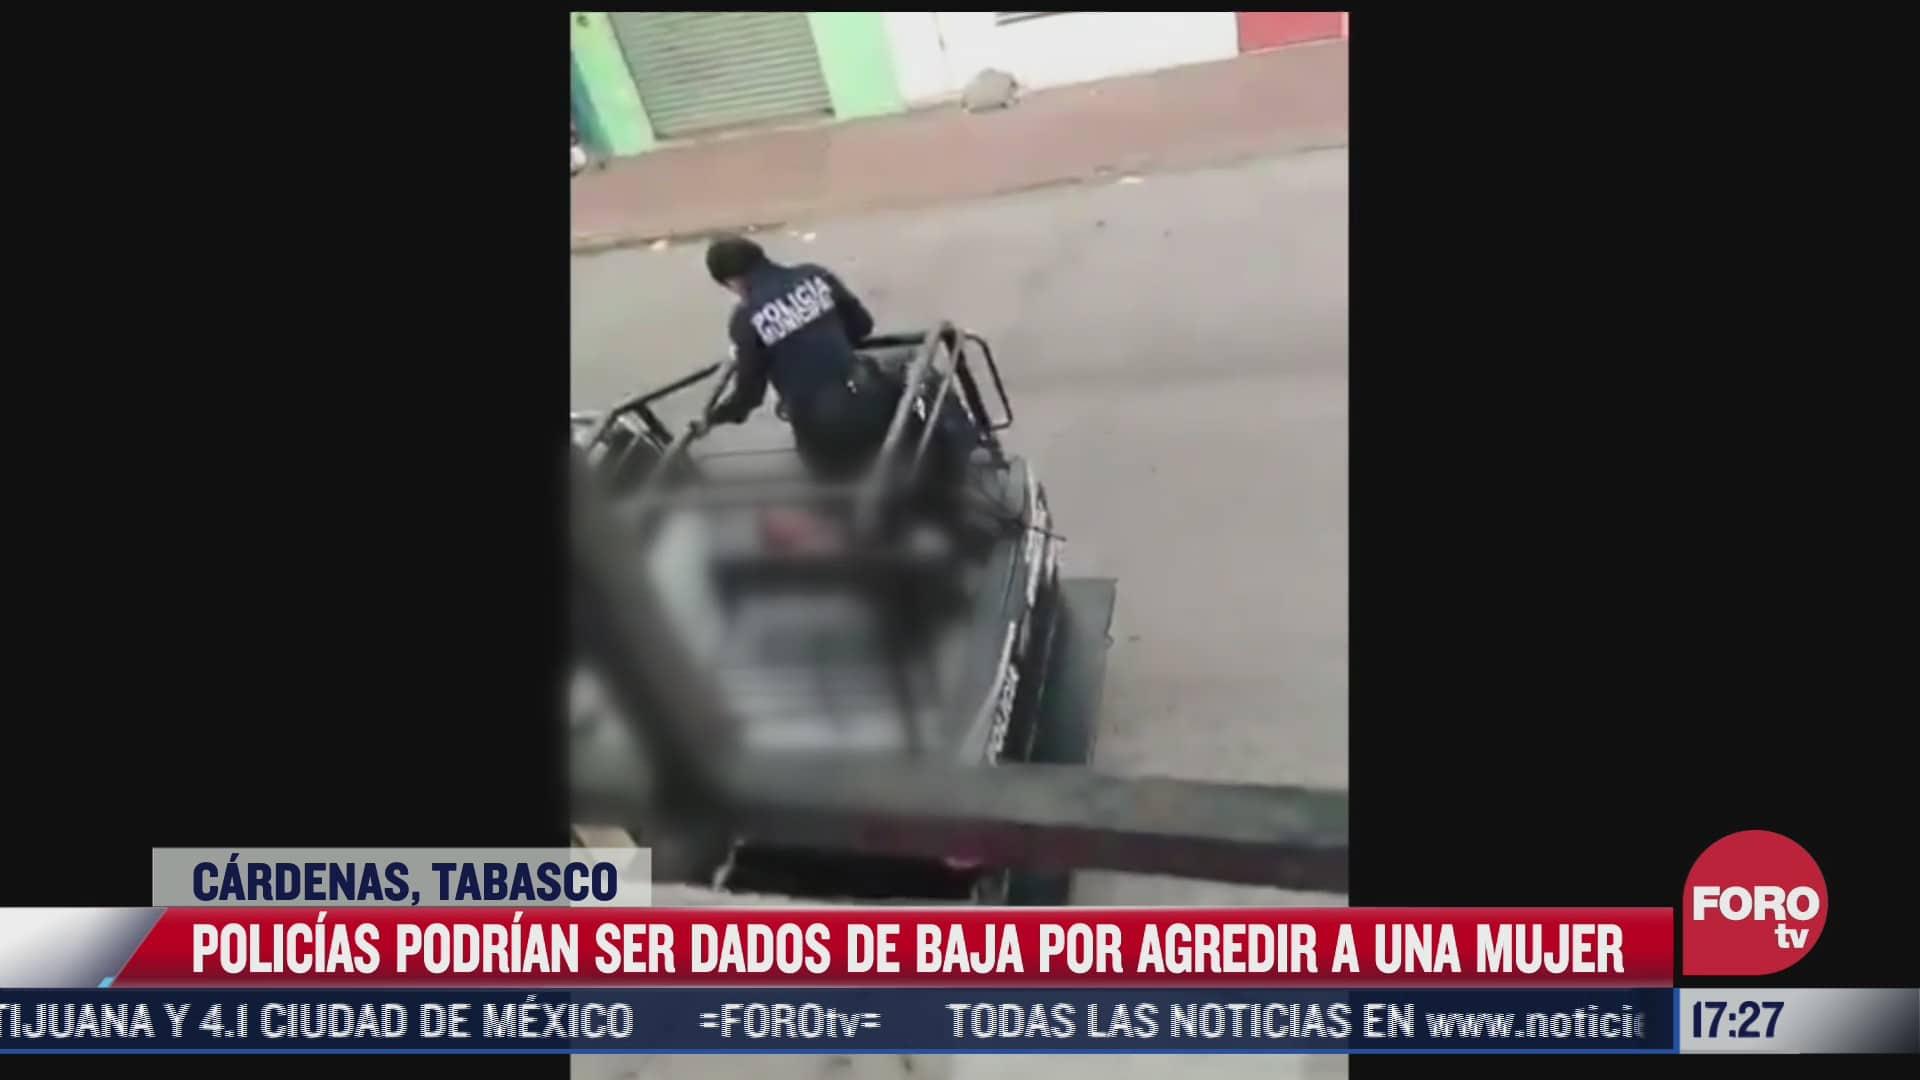 darian de baja a policias por agredir a mujer en tabasco